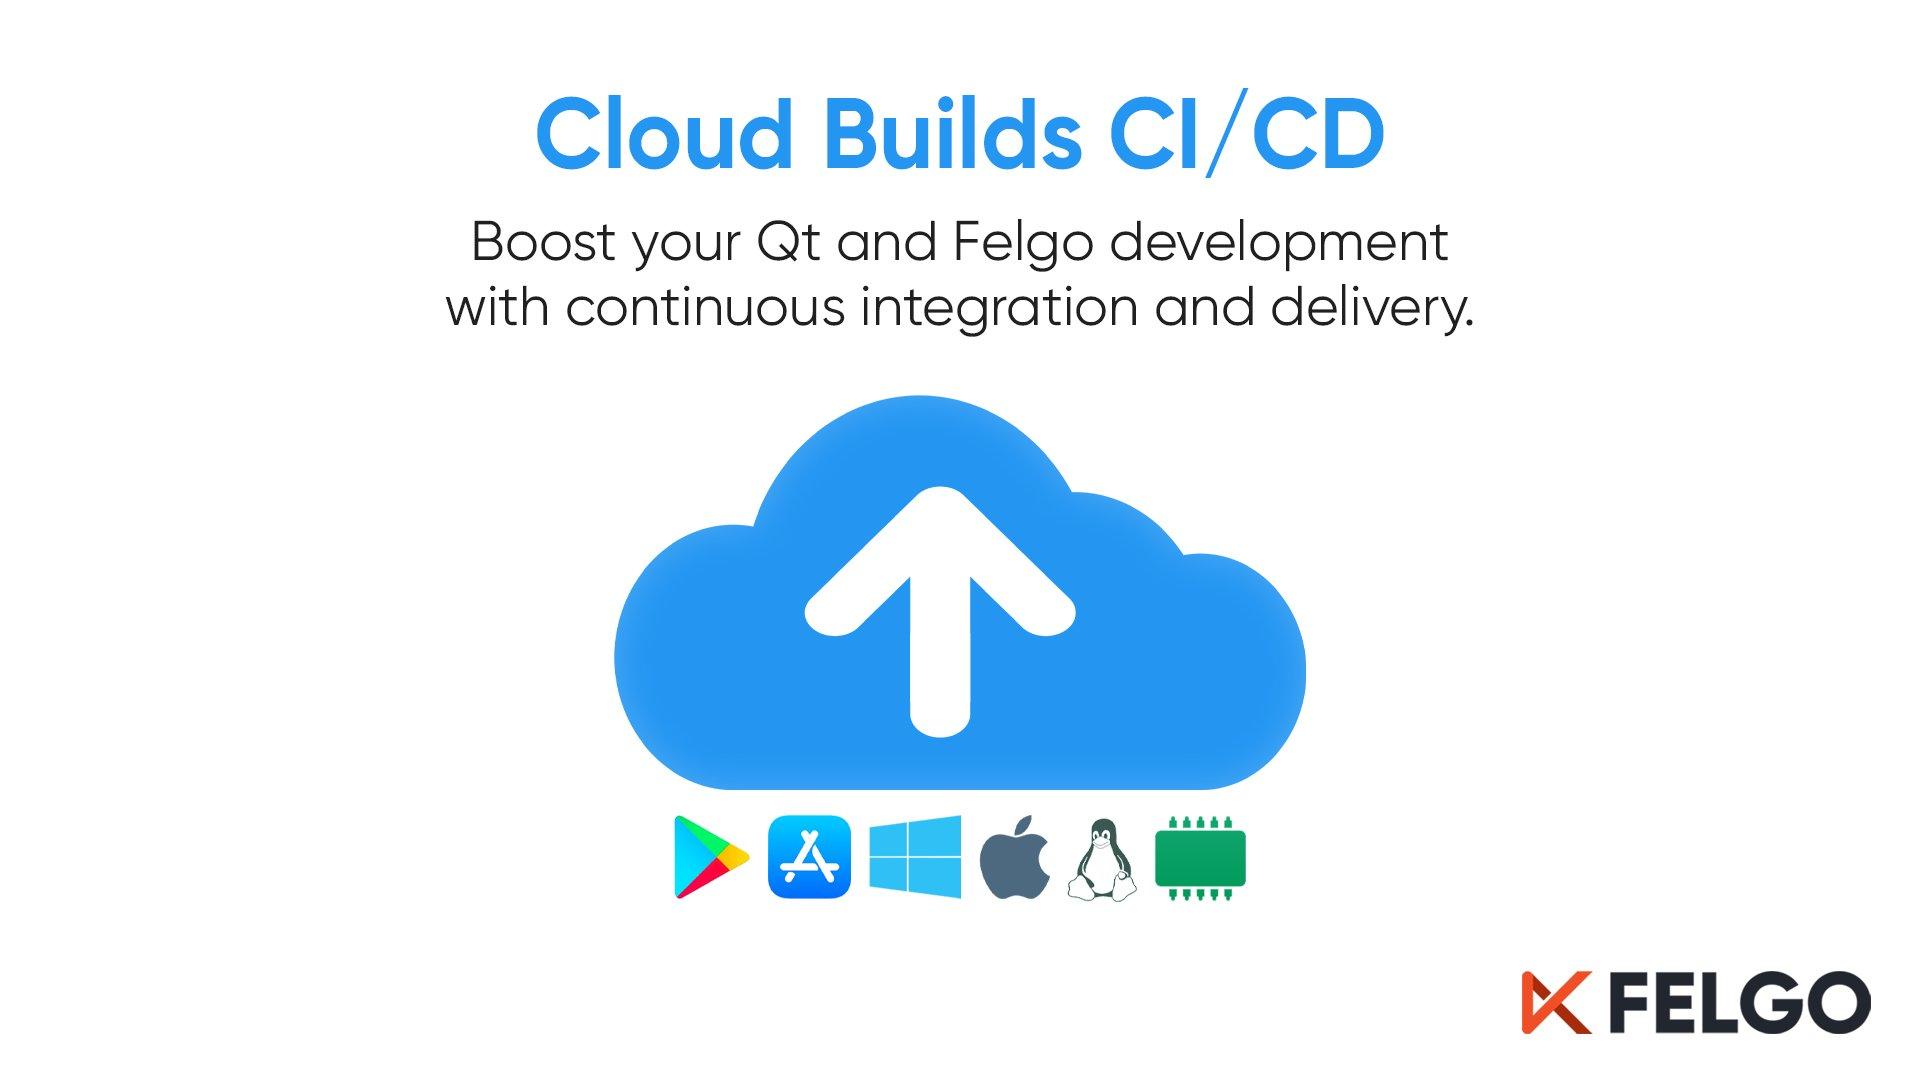 CloudBuildsGraphic(1)